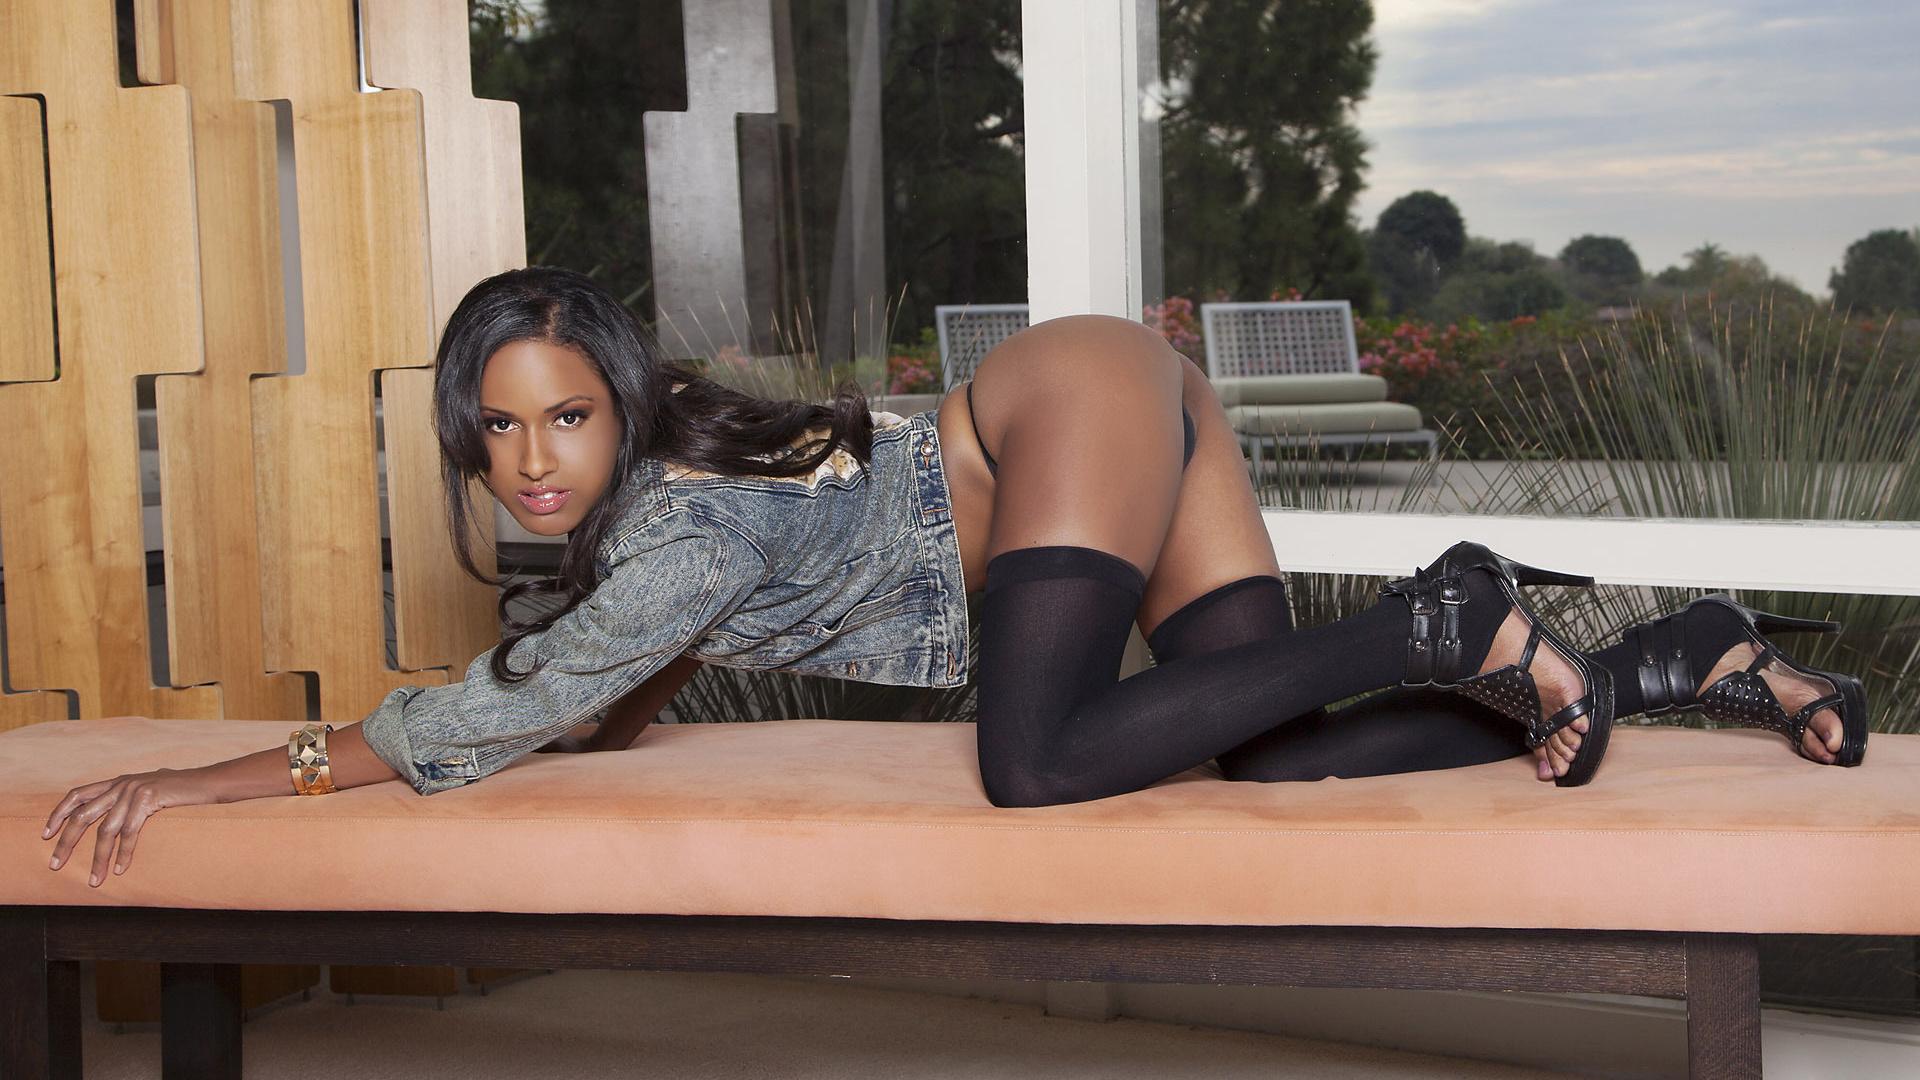 ashley sasha, девушка, модель, мулатка, брюнетка, взгляд, попа, ноги, чулки, туфли, куртка, шпильки, кушетка, стринги, попка, на четвереньках